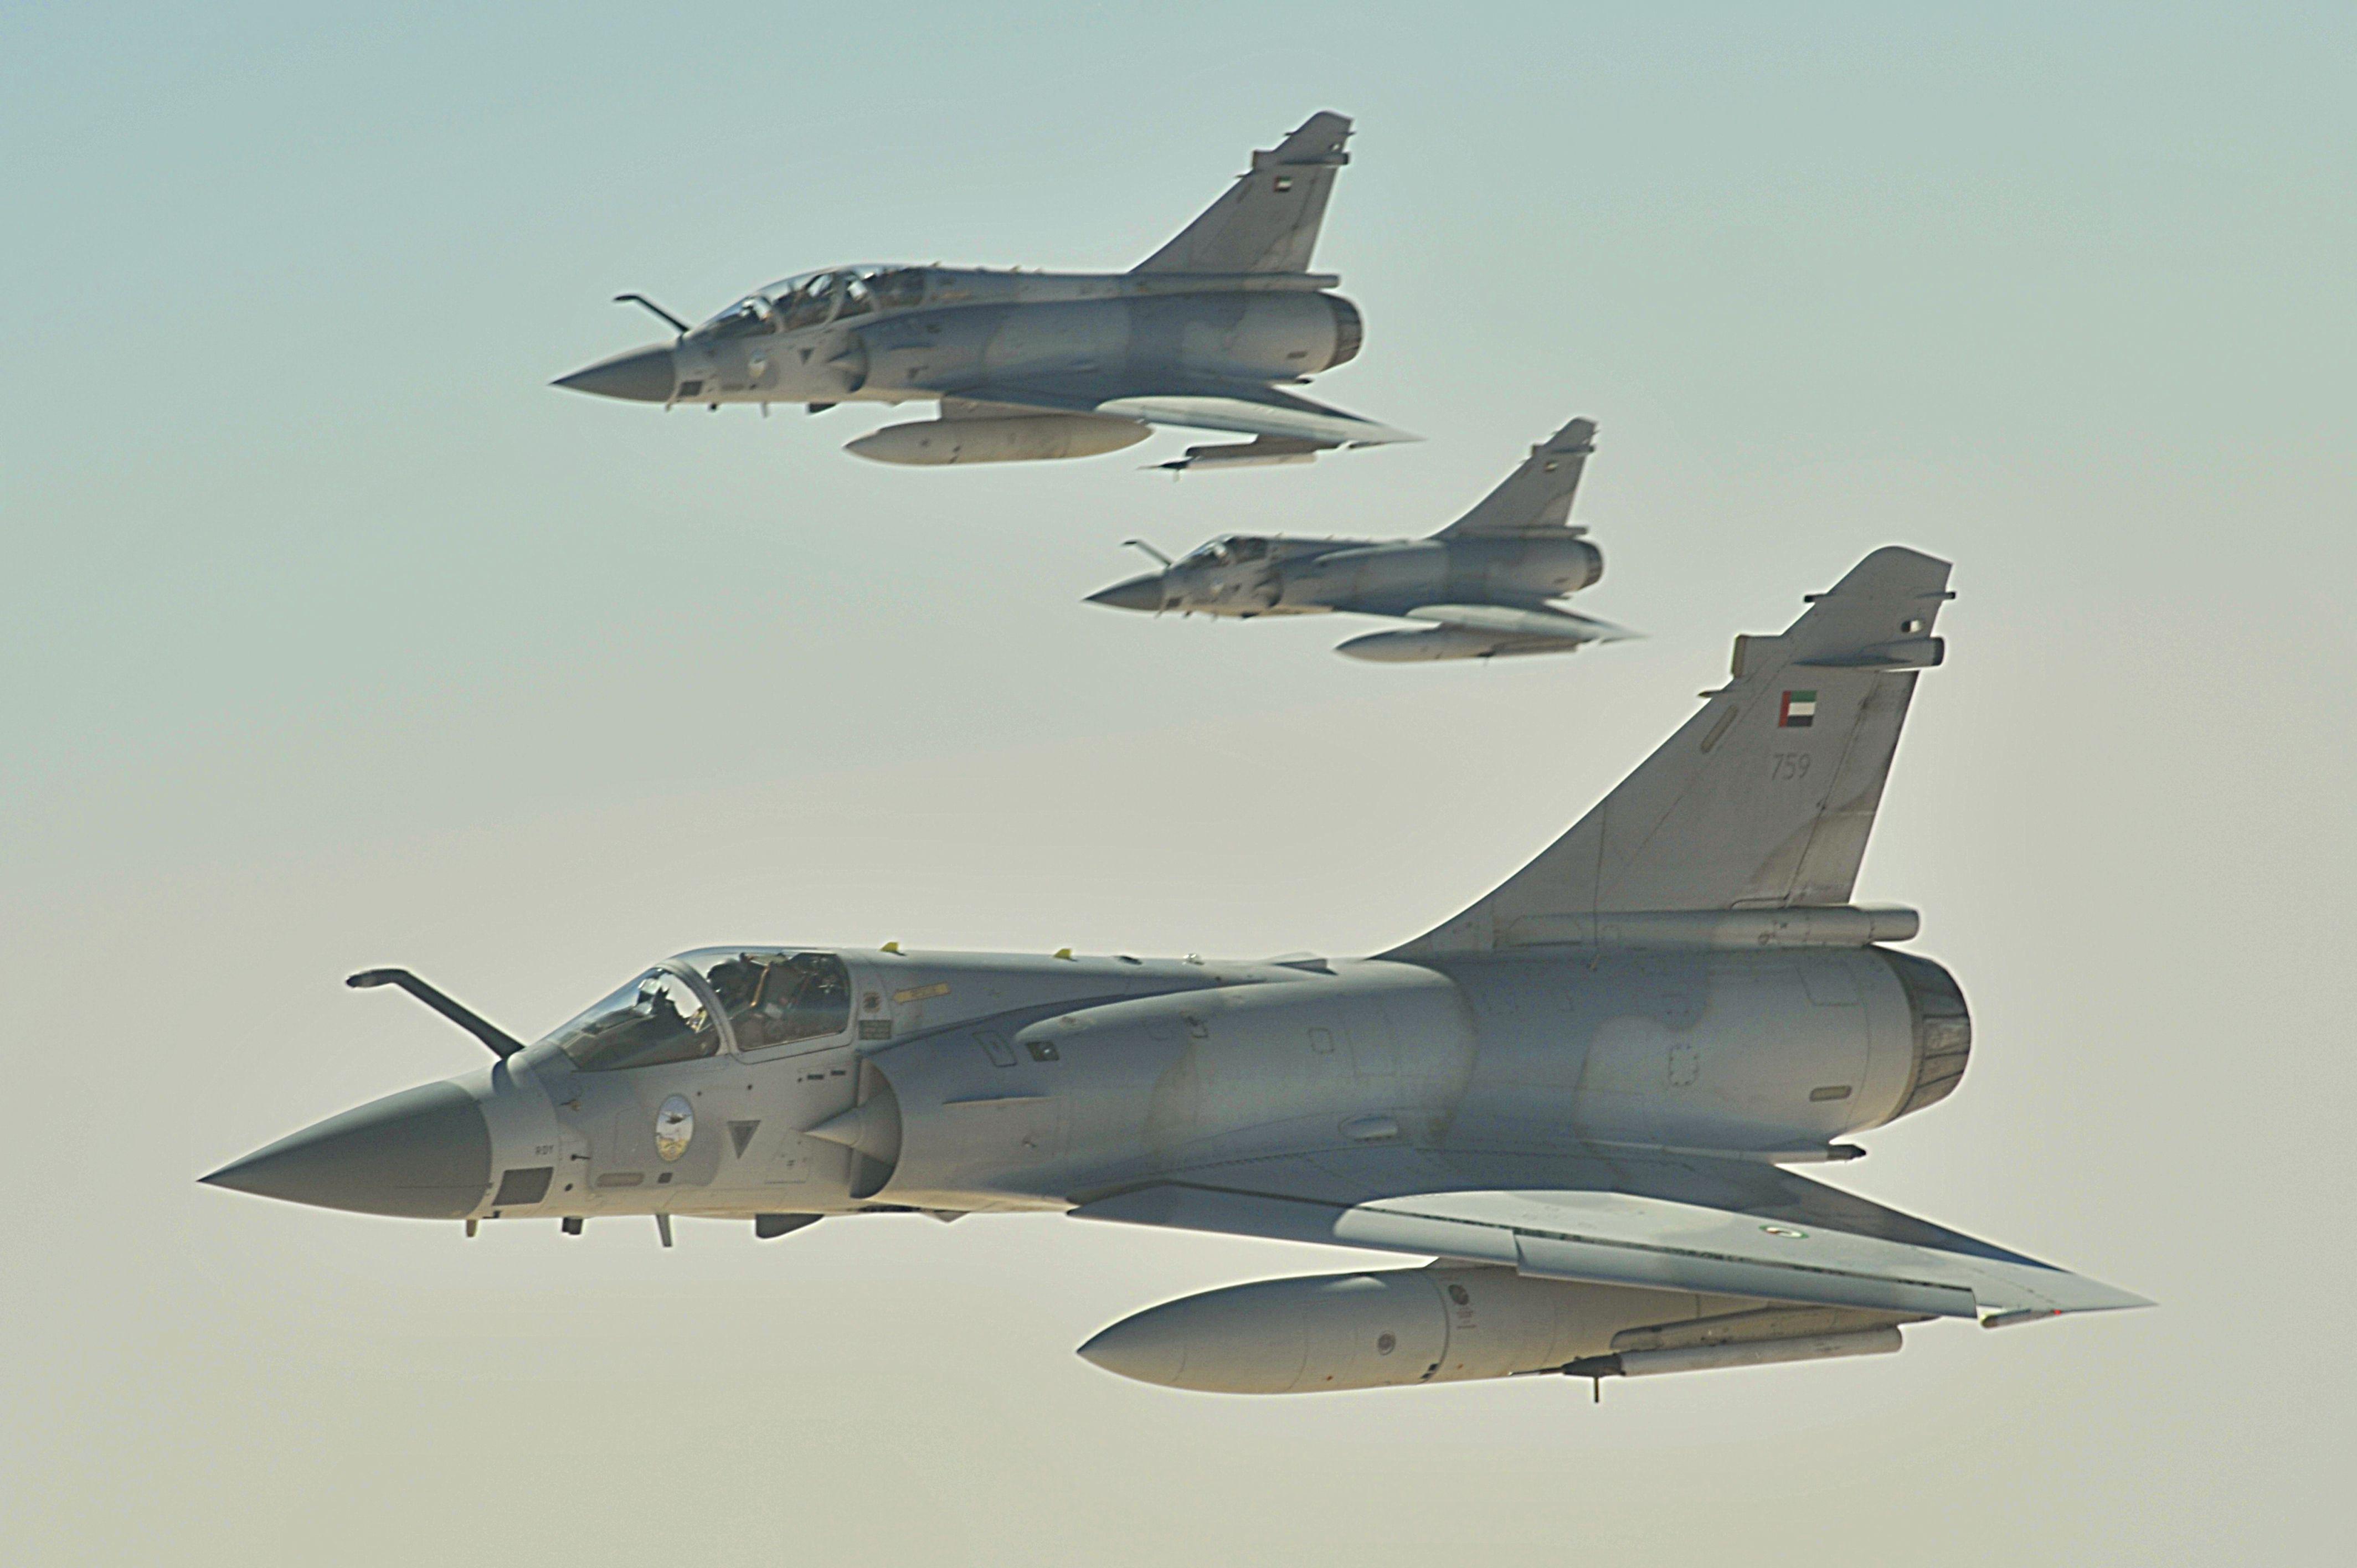 Emirate_Mirage_2000_jets.JPG (4256×2832)